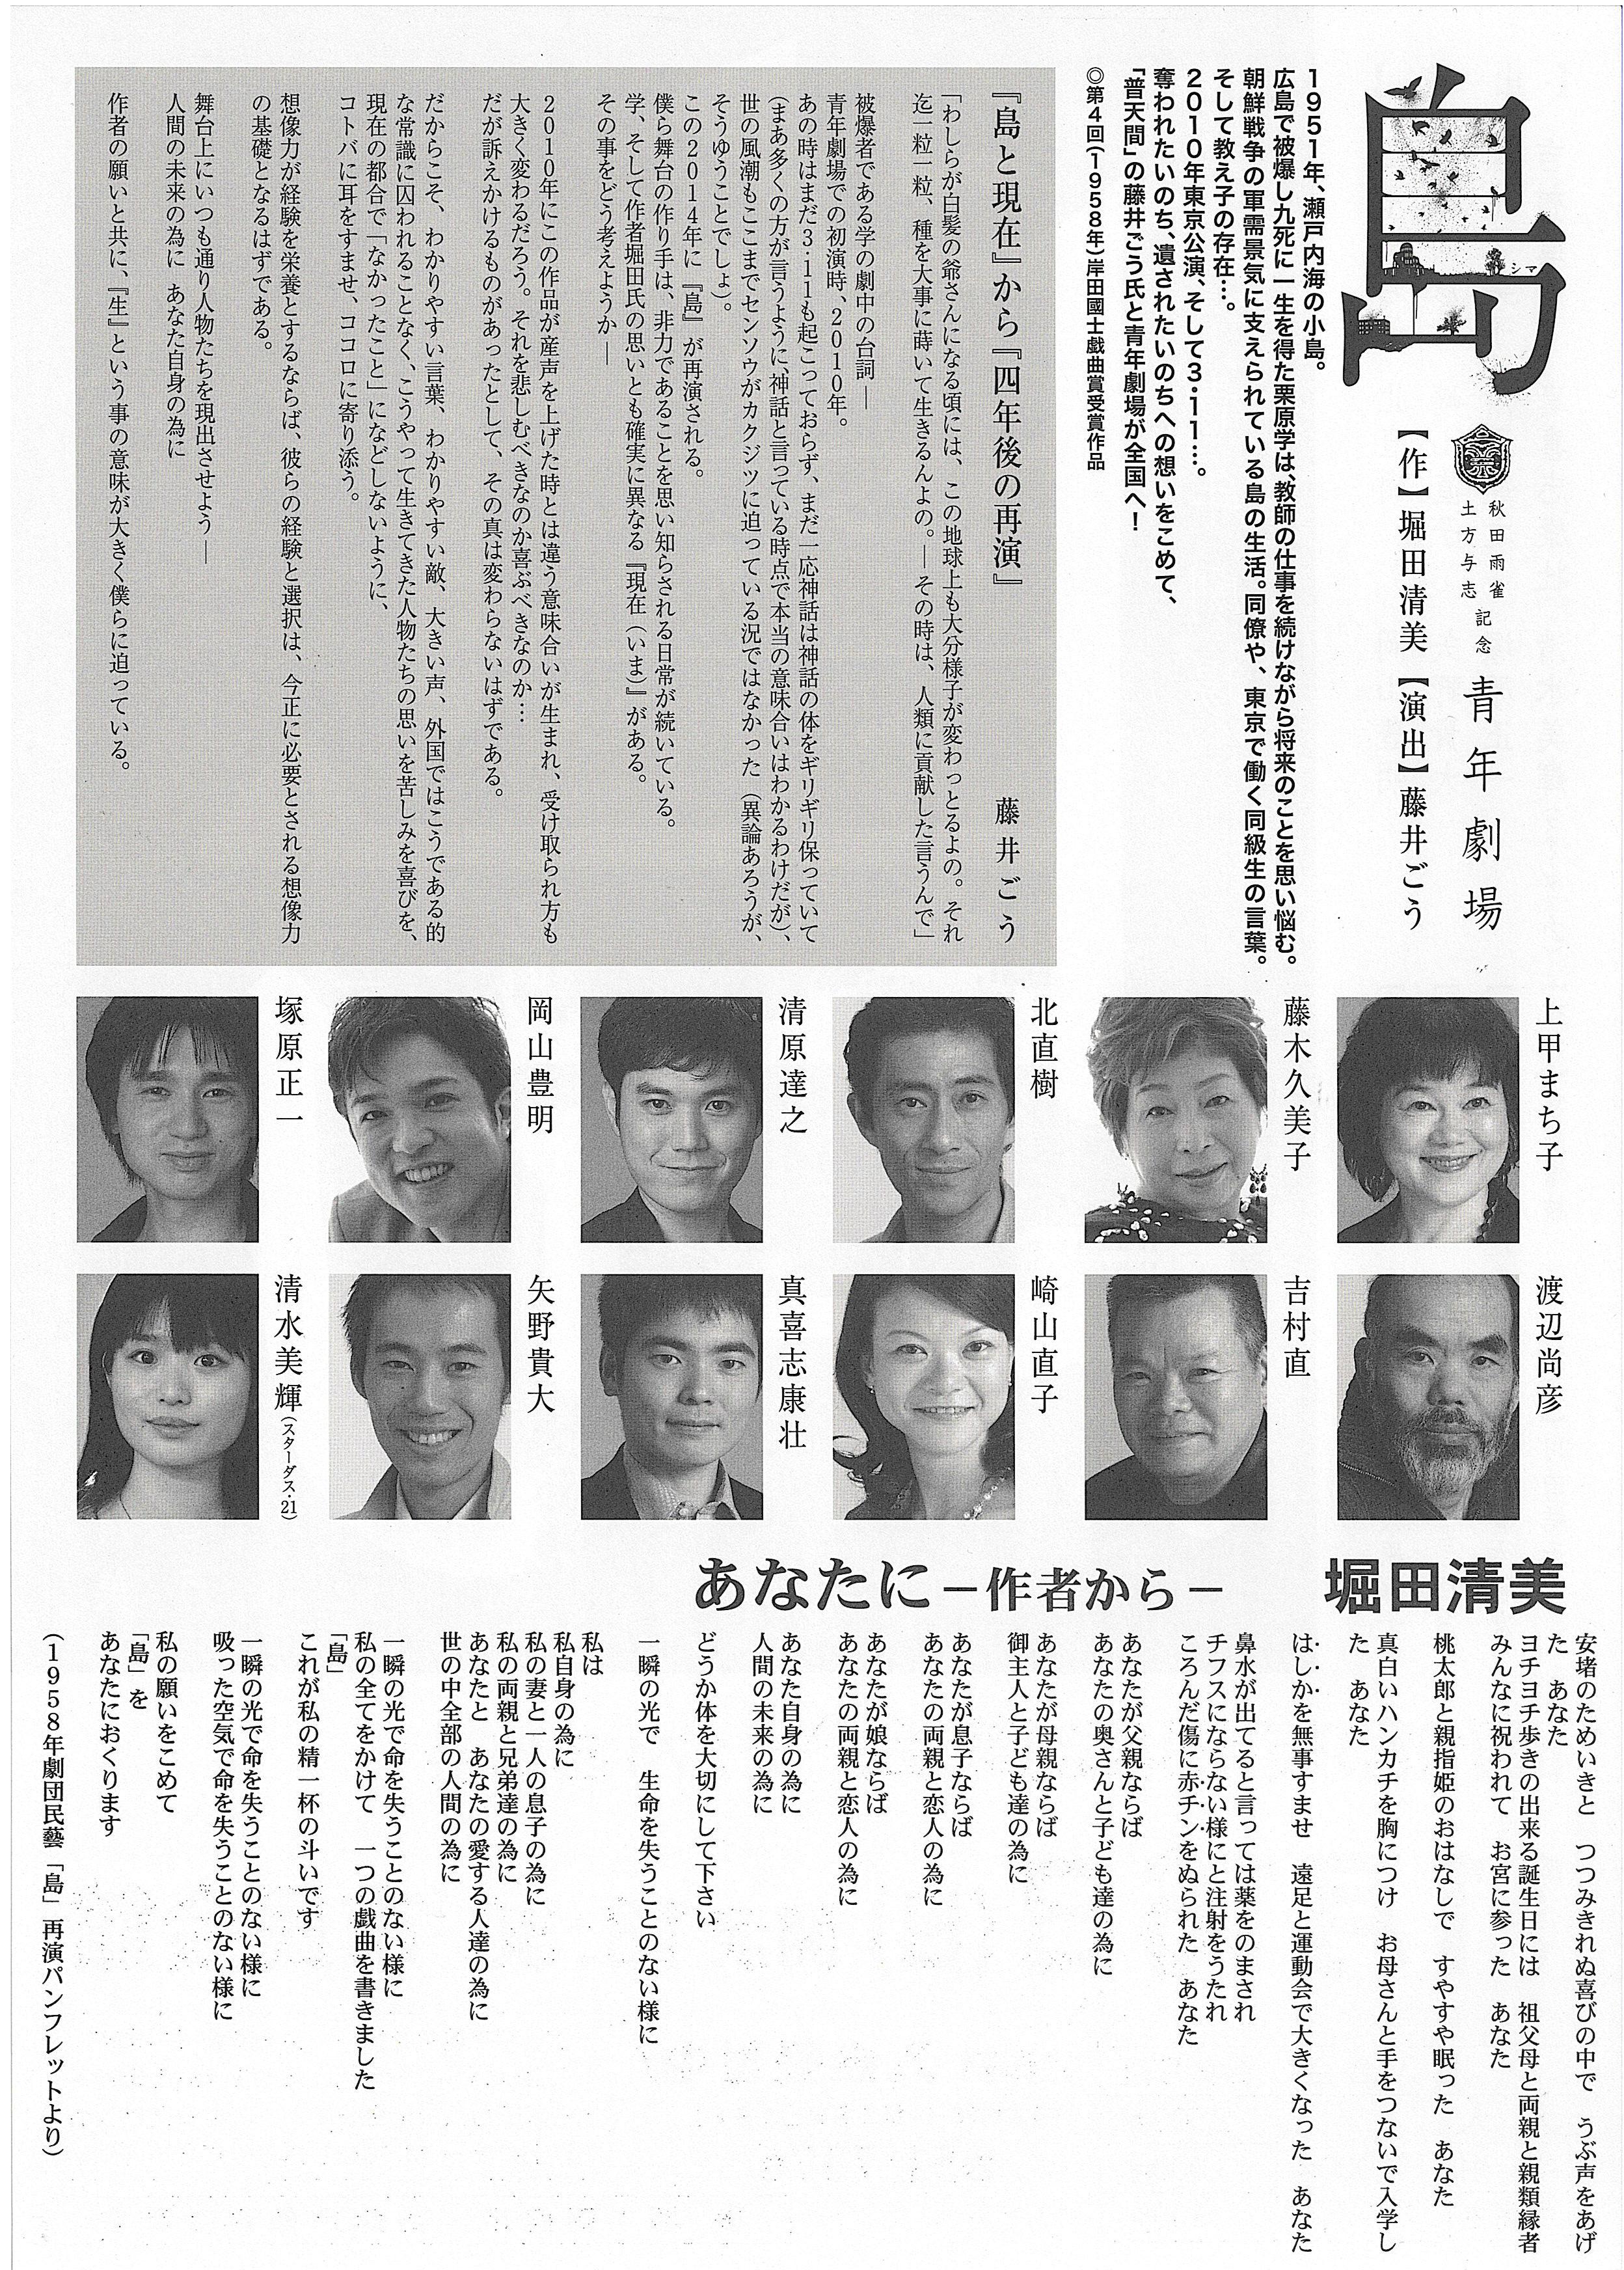 秋田雨雀・土方与志記念青年劇場...